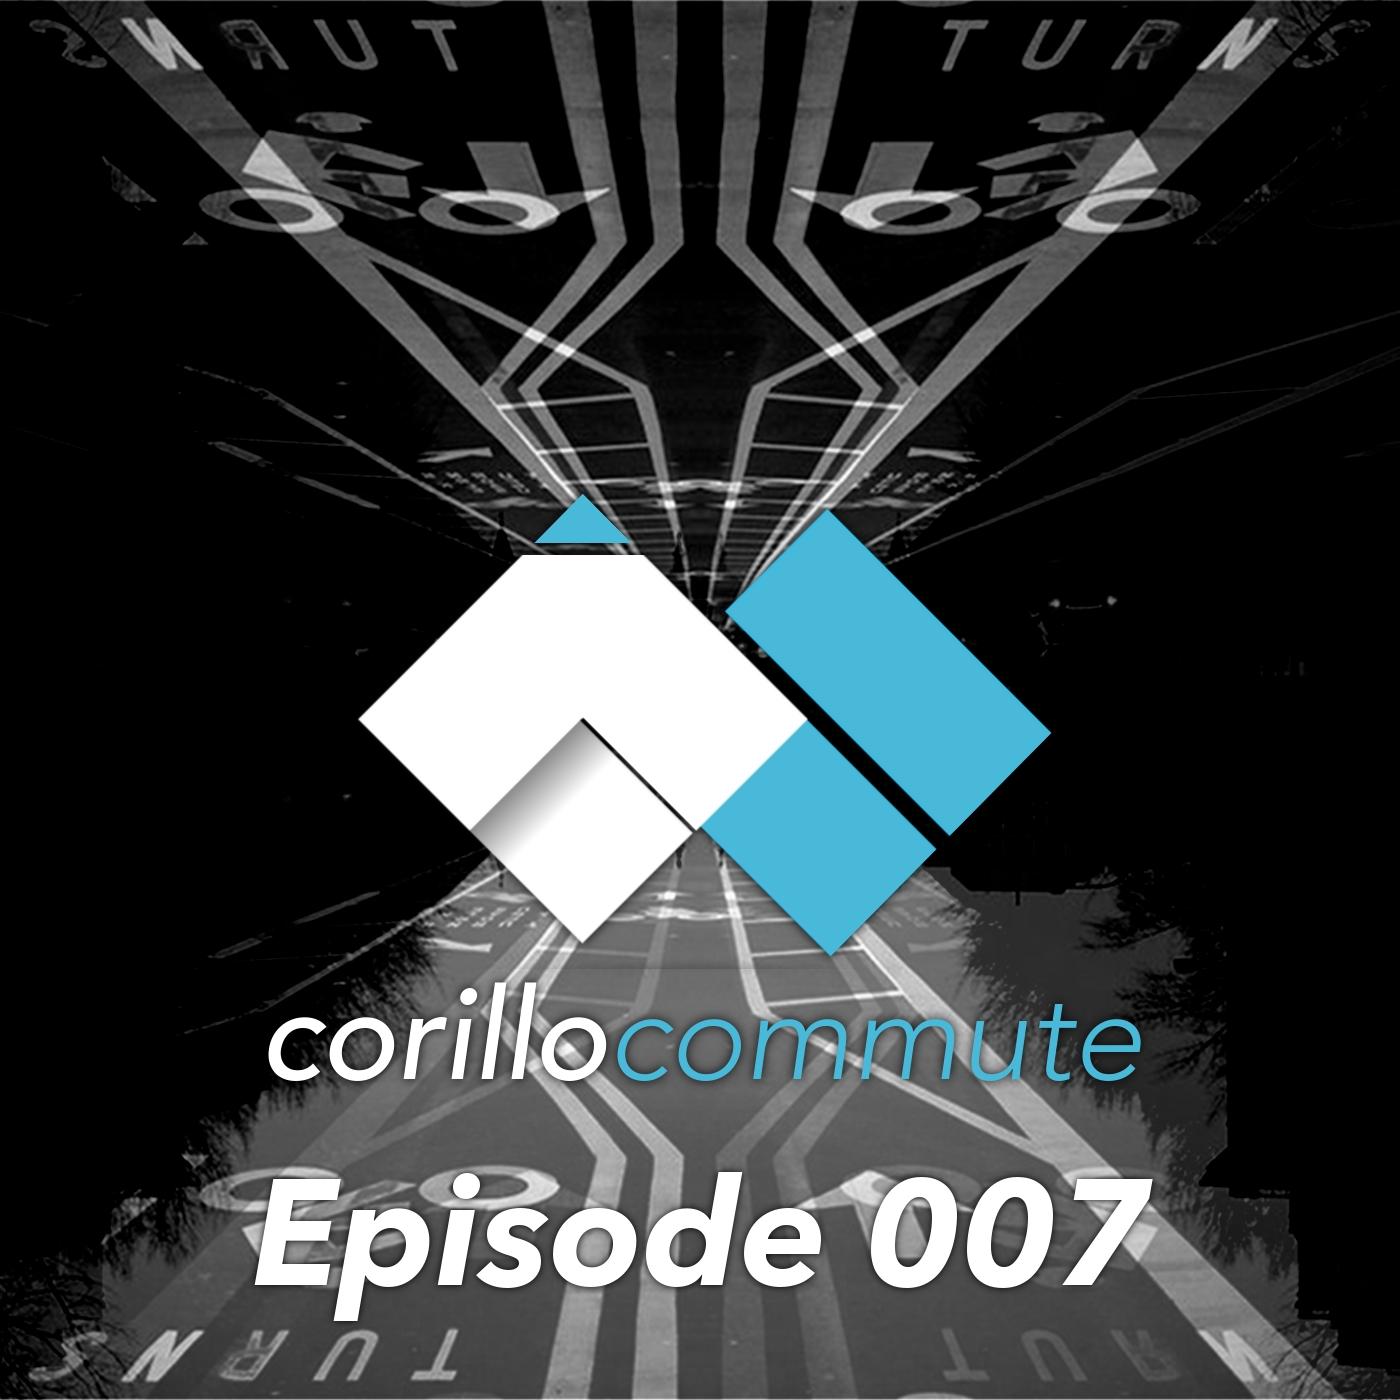 Corillo Commute Podcast - Episode 007 cover